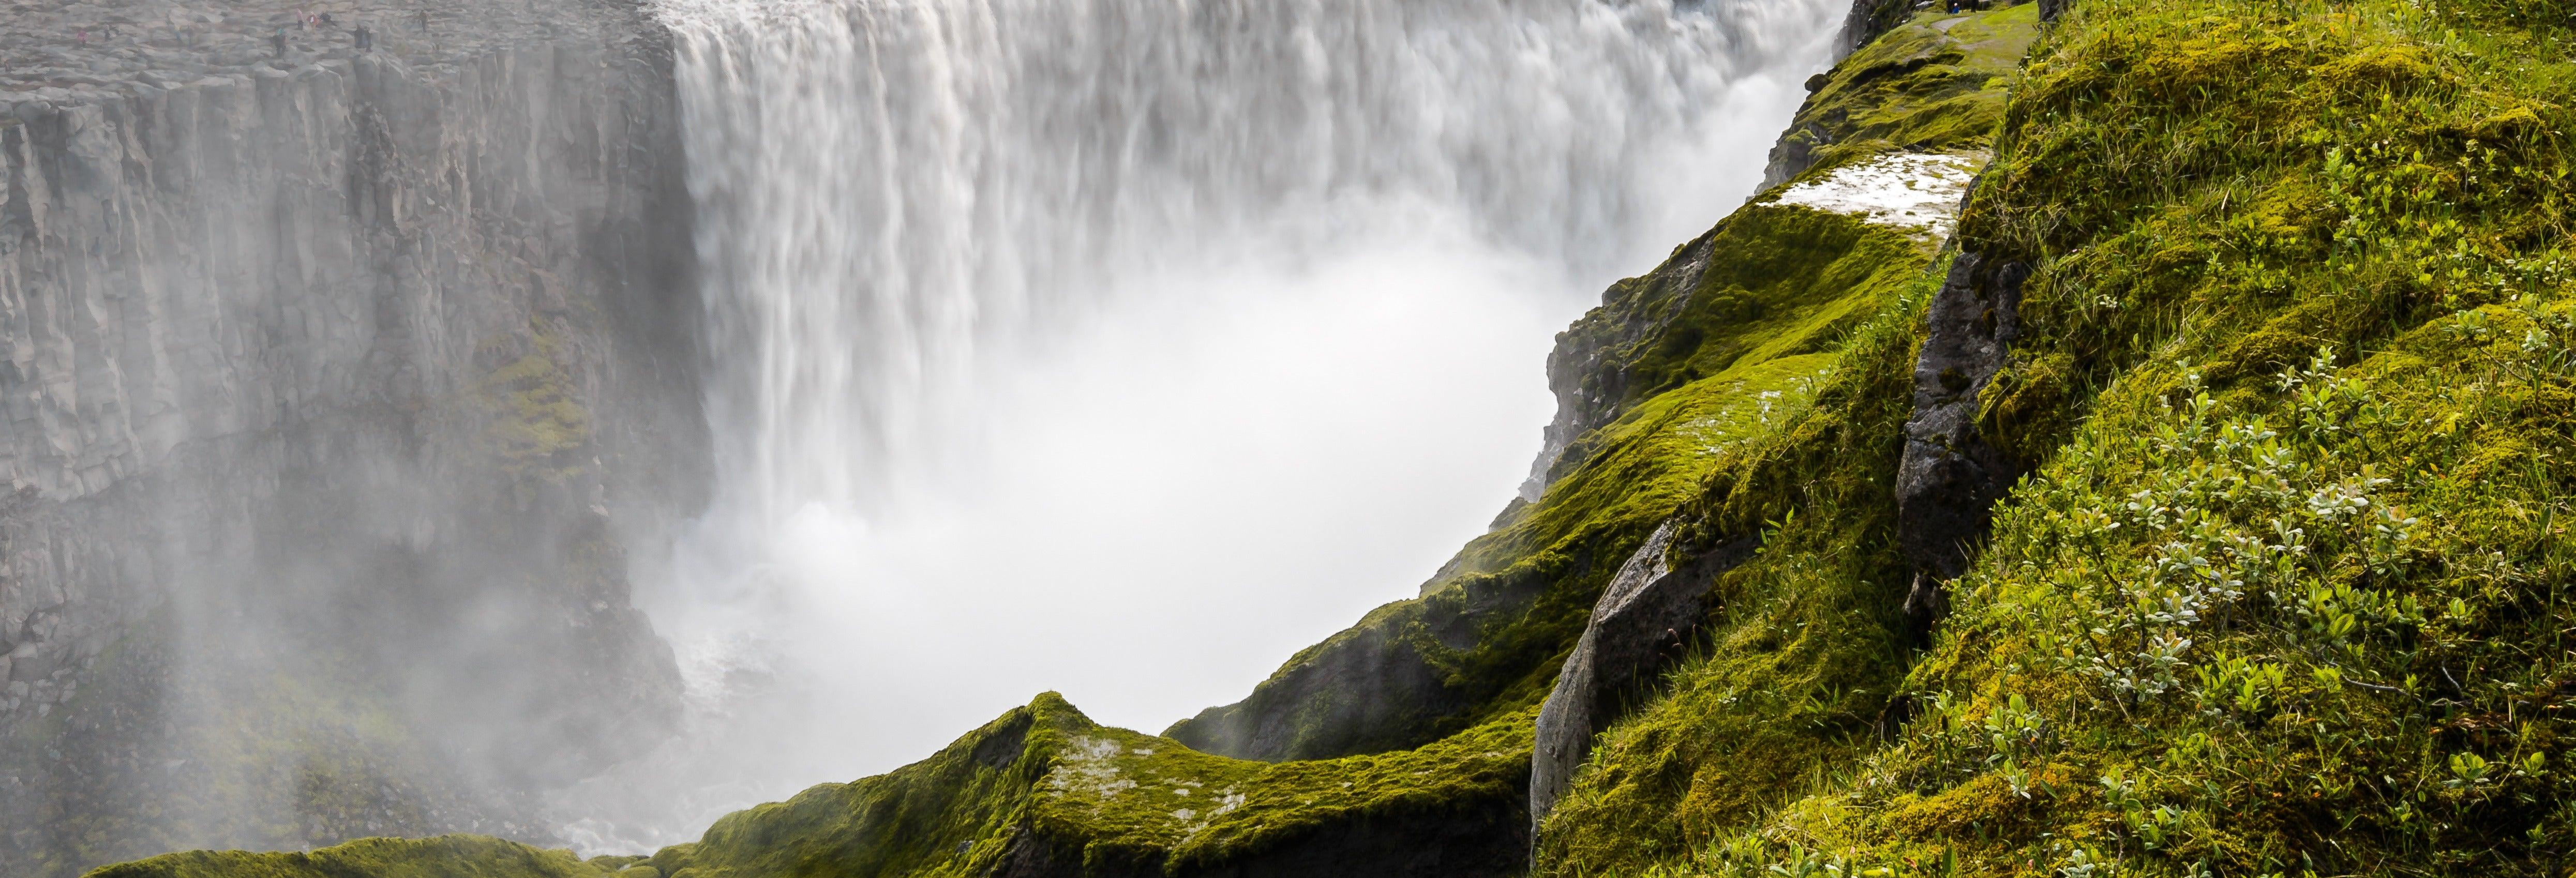 Excursión a Dettifoss y Lago Mývatn